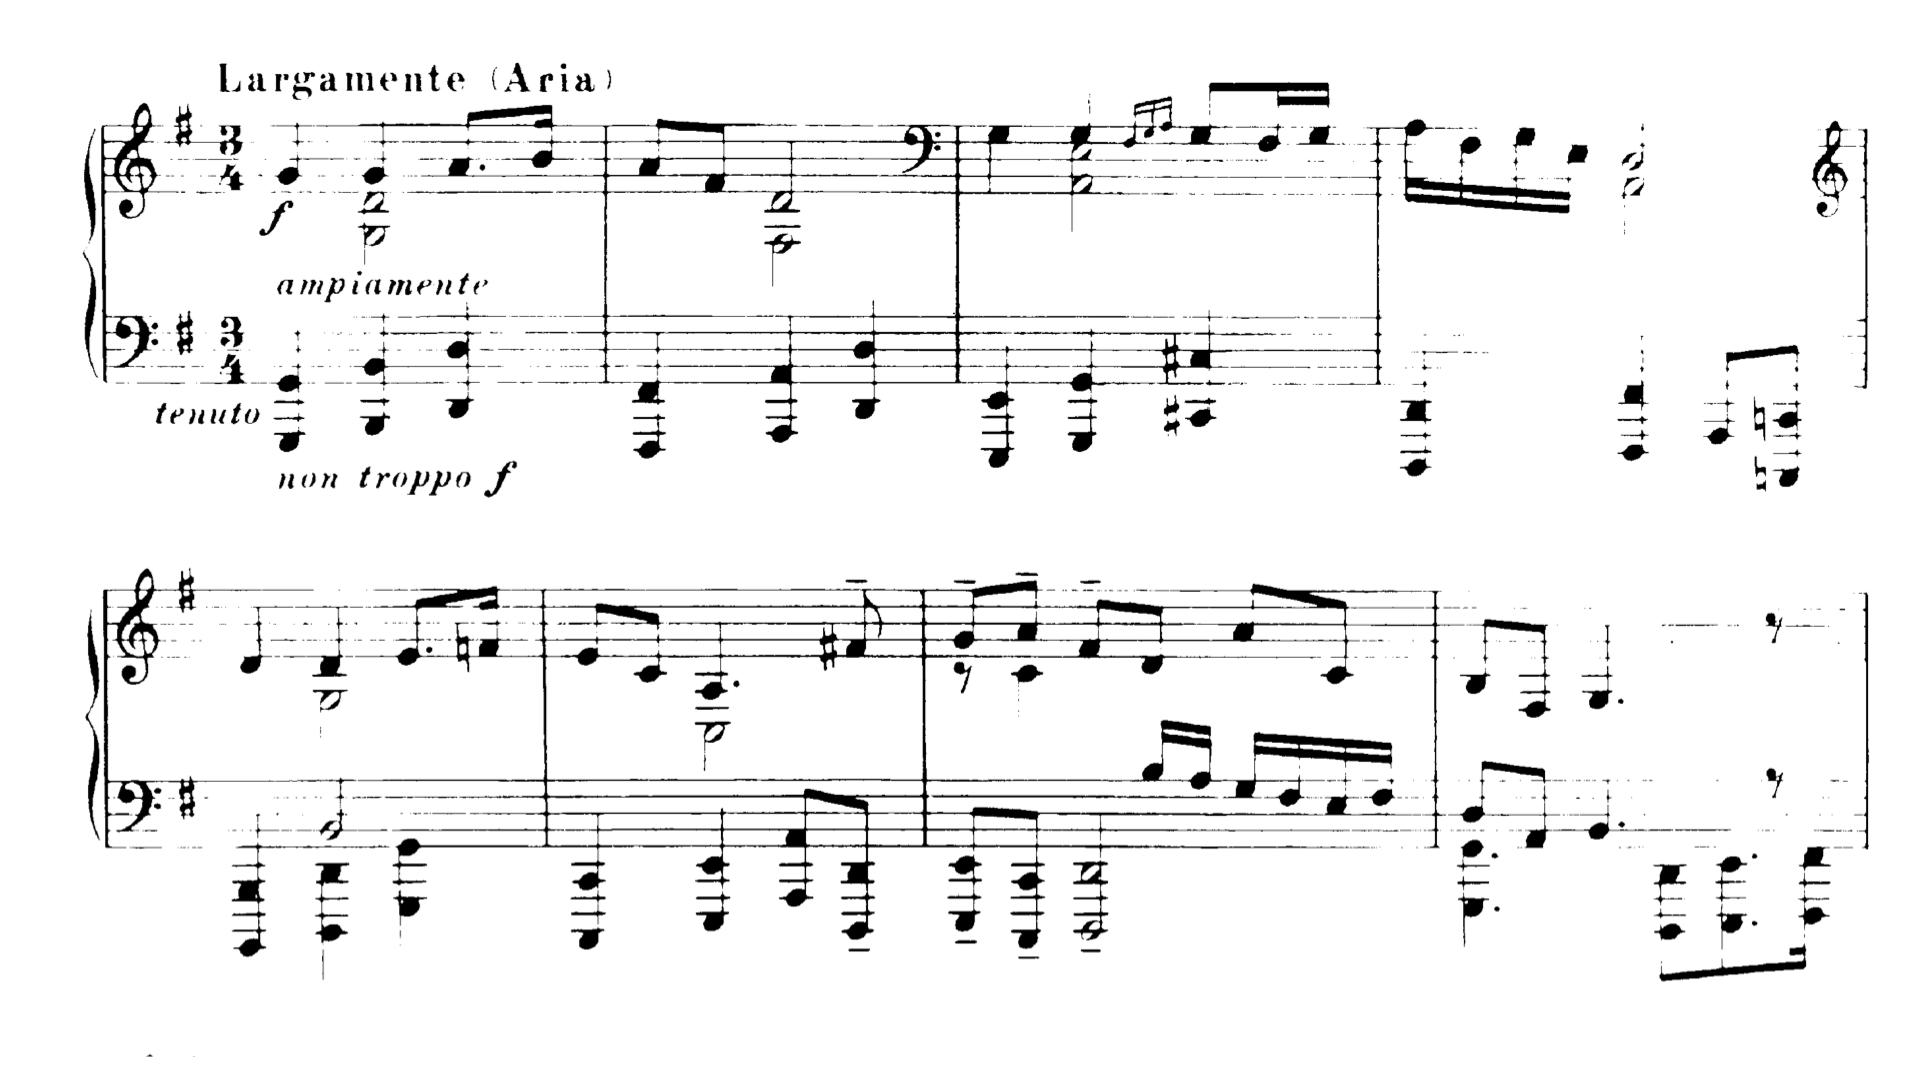 布梭尼改編巴赫的《哥德堡變奏曲》,將結尾一段詠歎調的裝飾音全都除掉。